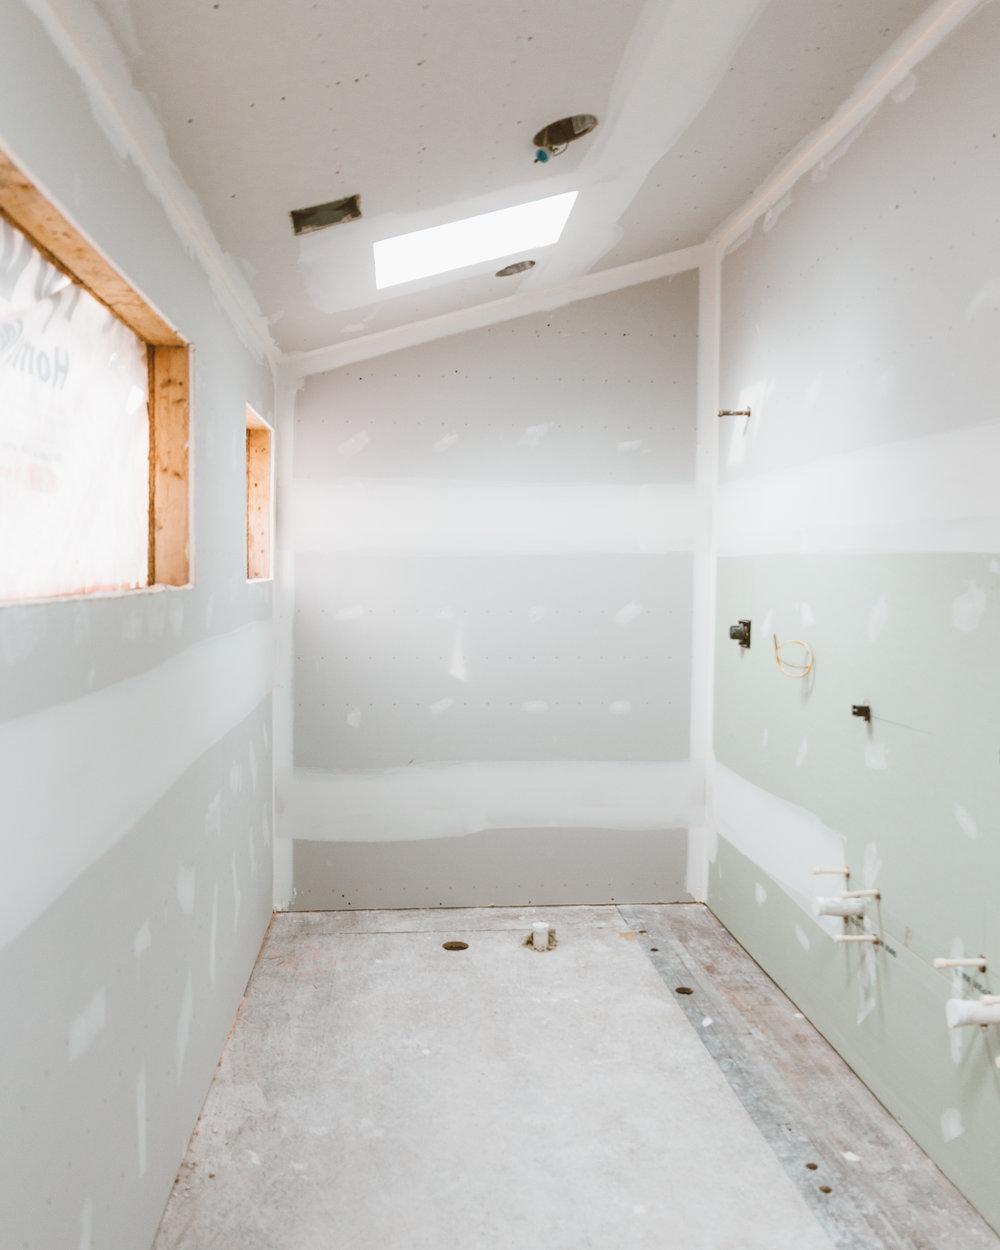 forthehome-renovation-drywall0011.jpeg